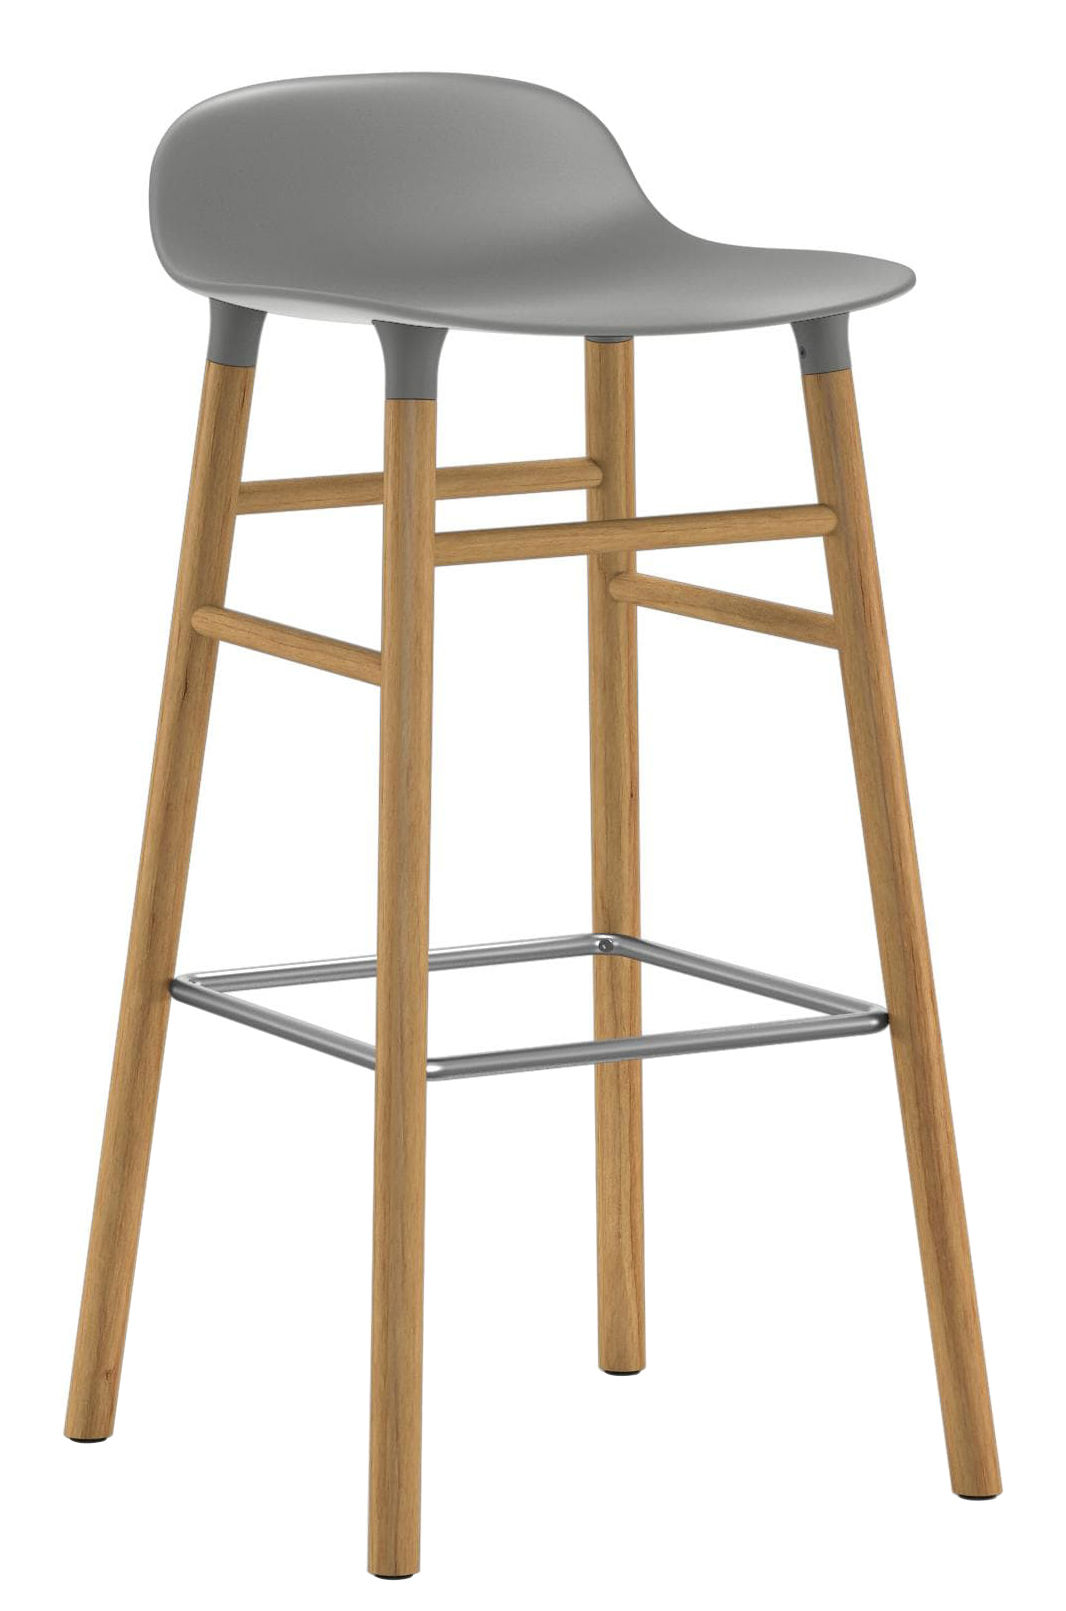 Möbel - Barhocker - Form Barhocker / H 75 cm - Stuhlbeine Eiche - Normann Copenhagen - Grau / Eiche - Eiche, Polypropylen